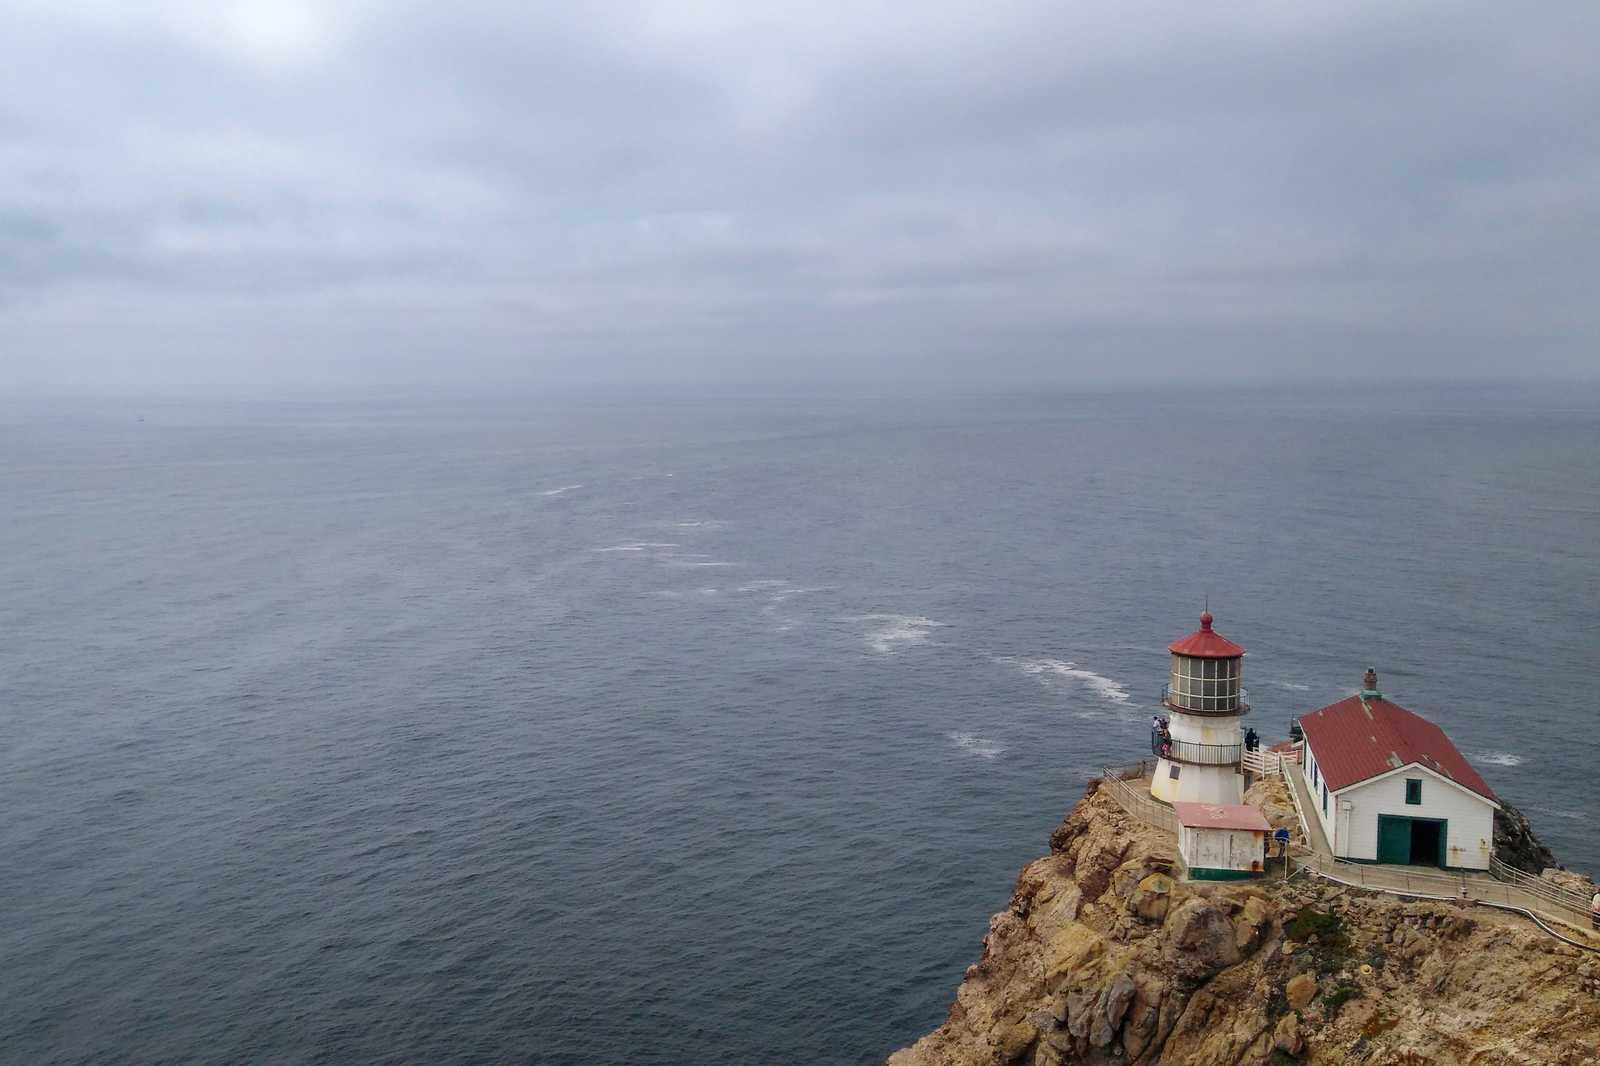 The Point Reyes Leuchtturm im Point Reyes National Seashore Schutzgebiet in Kalifornien